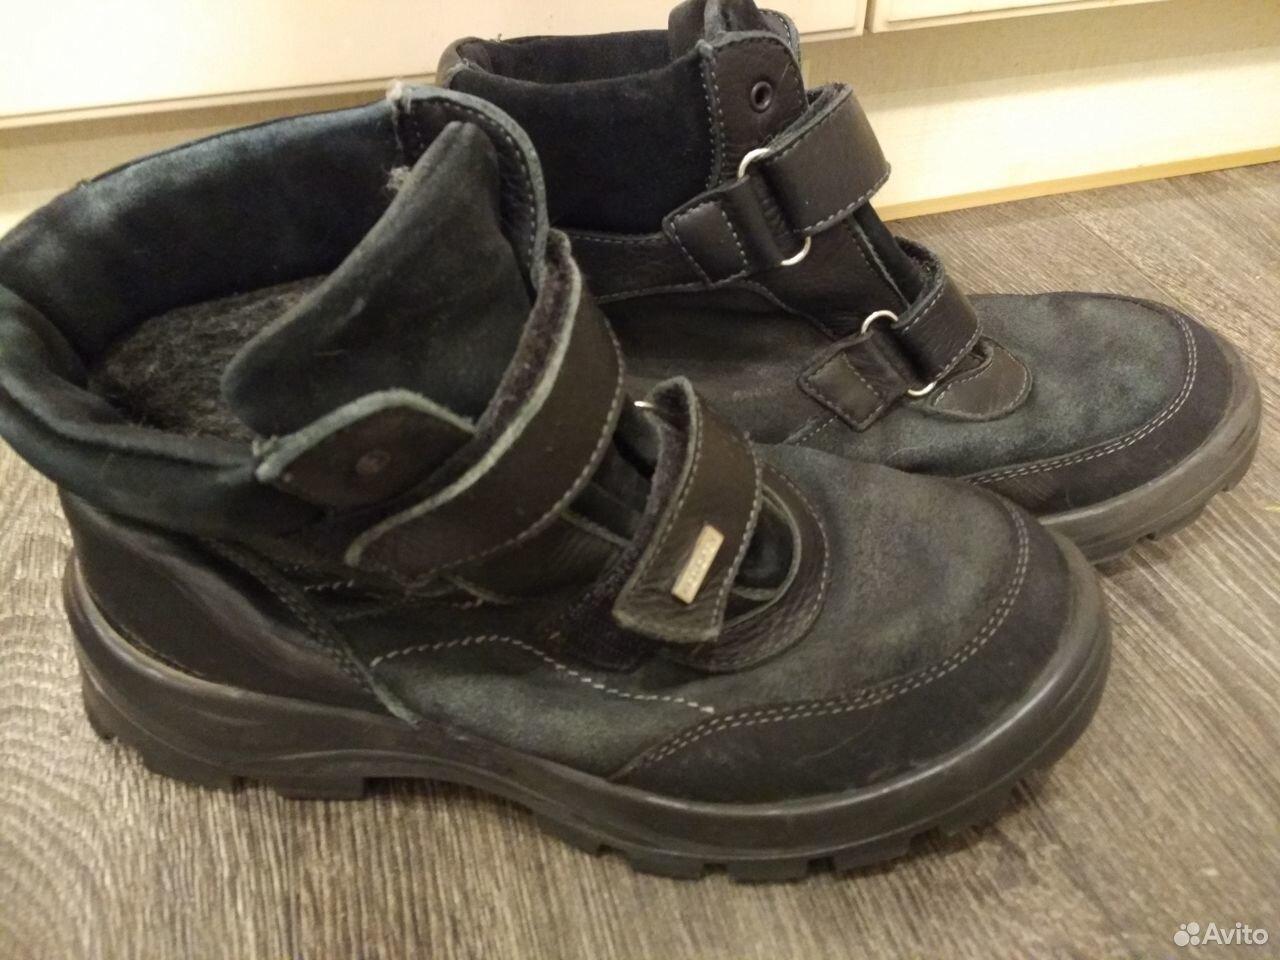 Продам зимние ботинки Котофей 39 размер, б/у  89051351301 купить 2